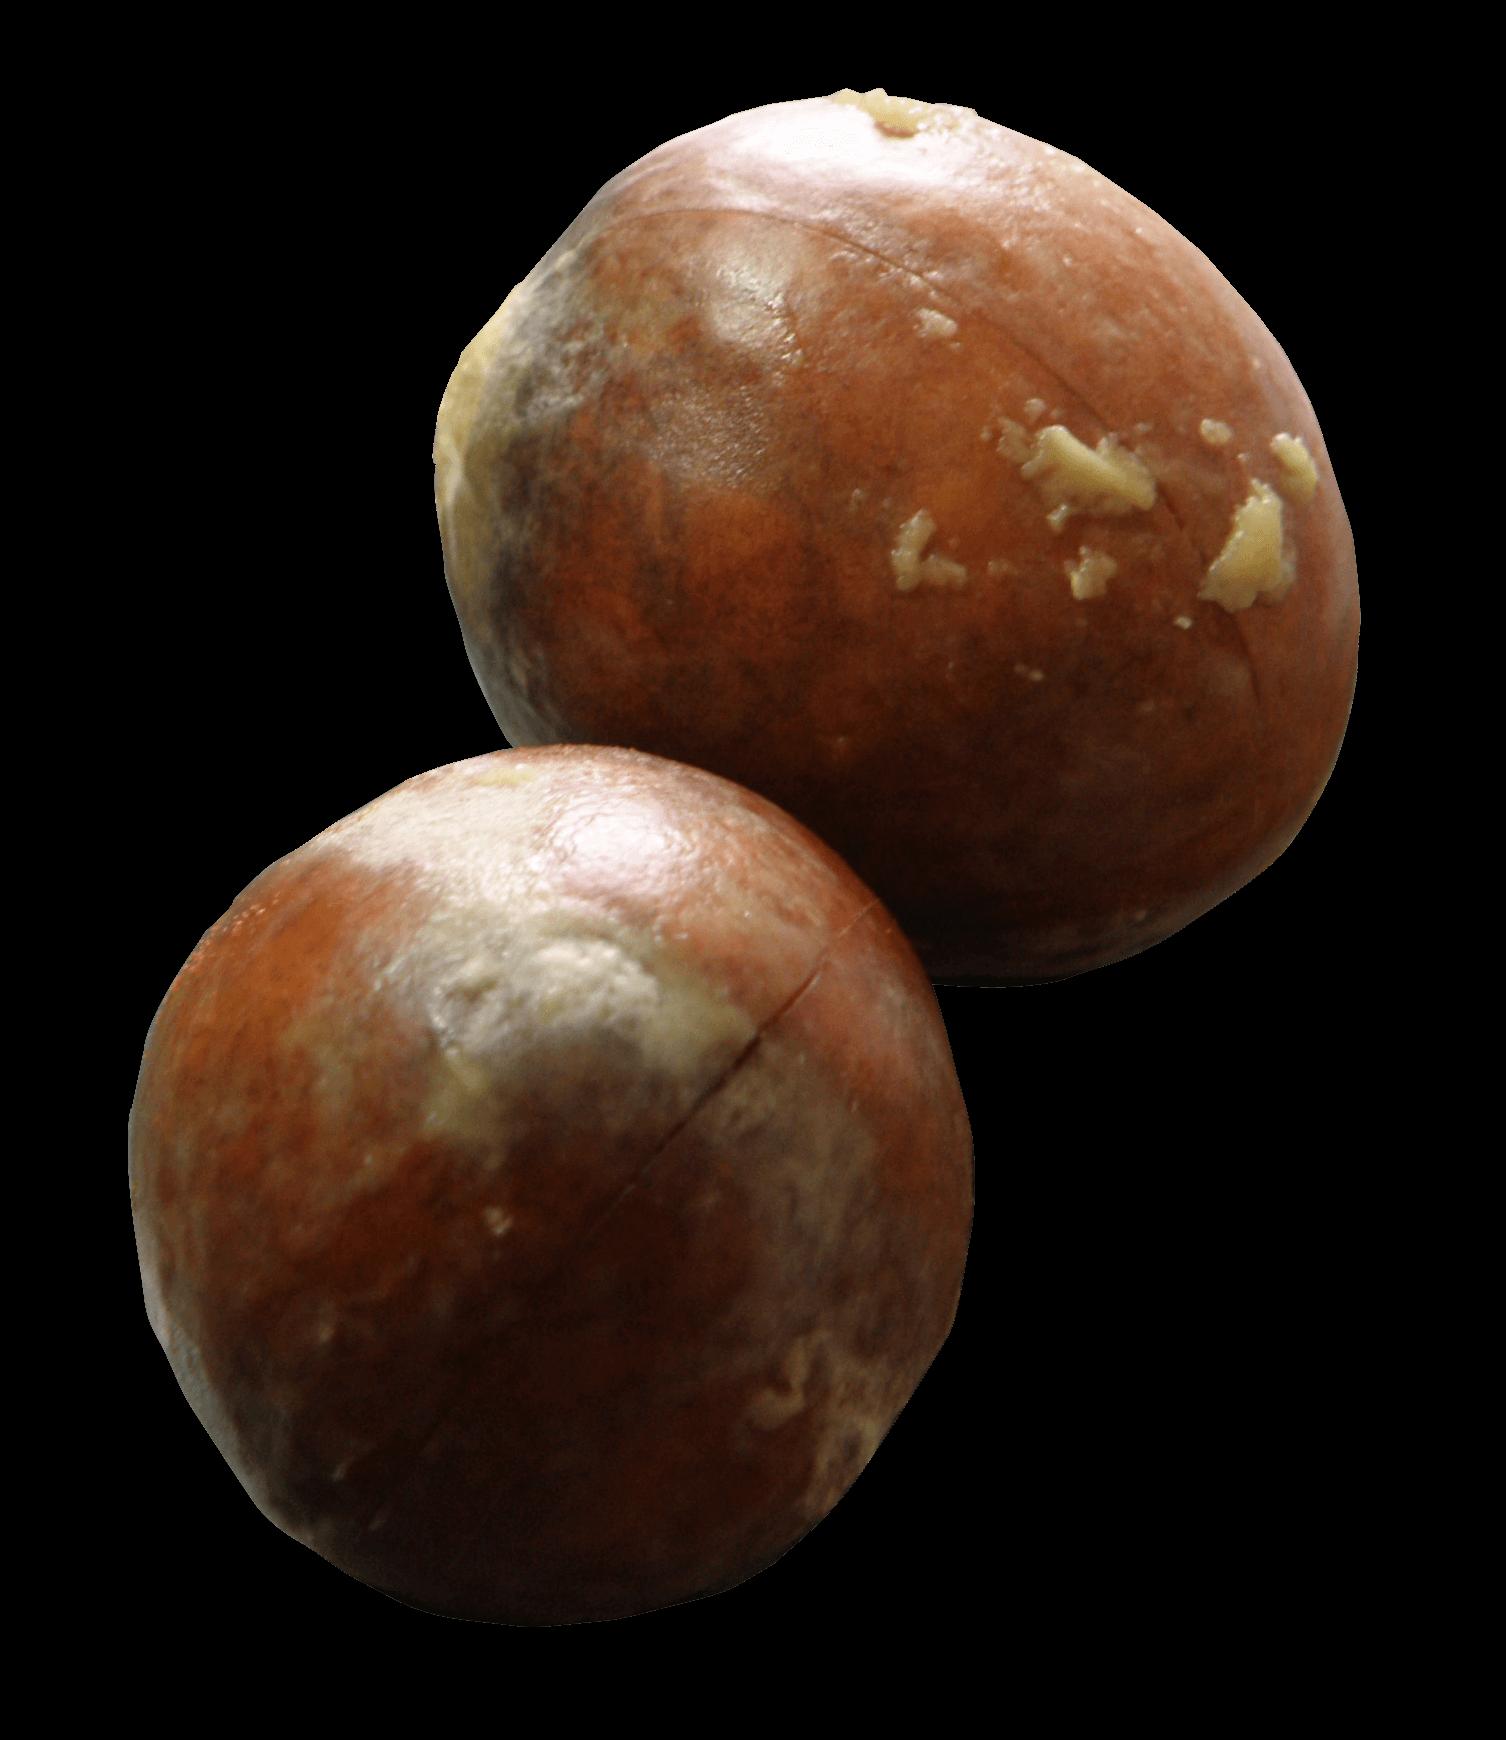 piedra-con-aguacate